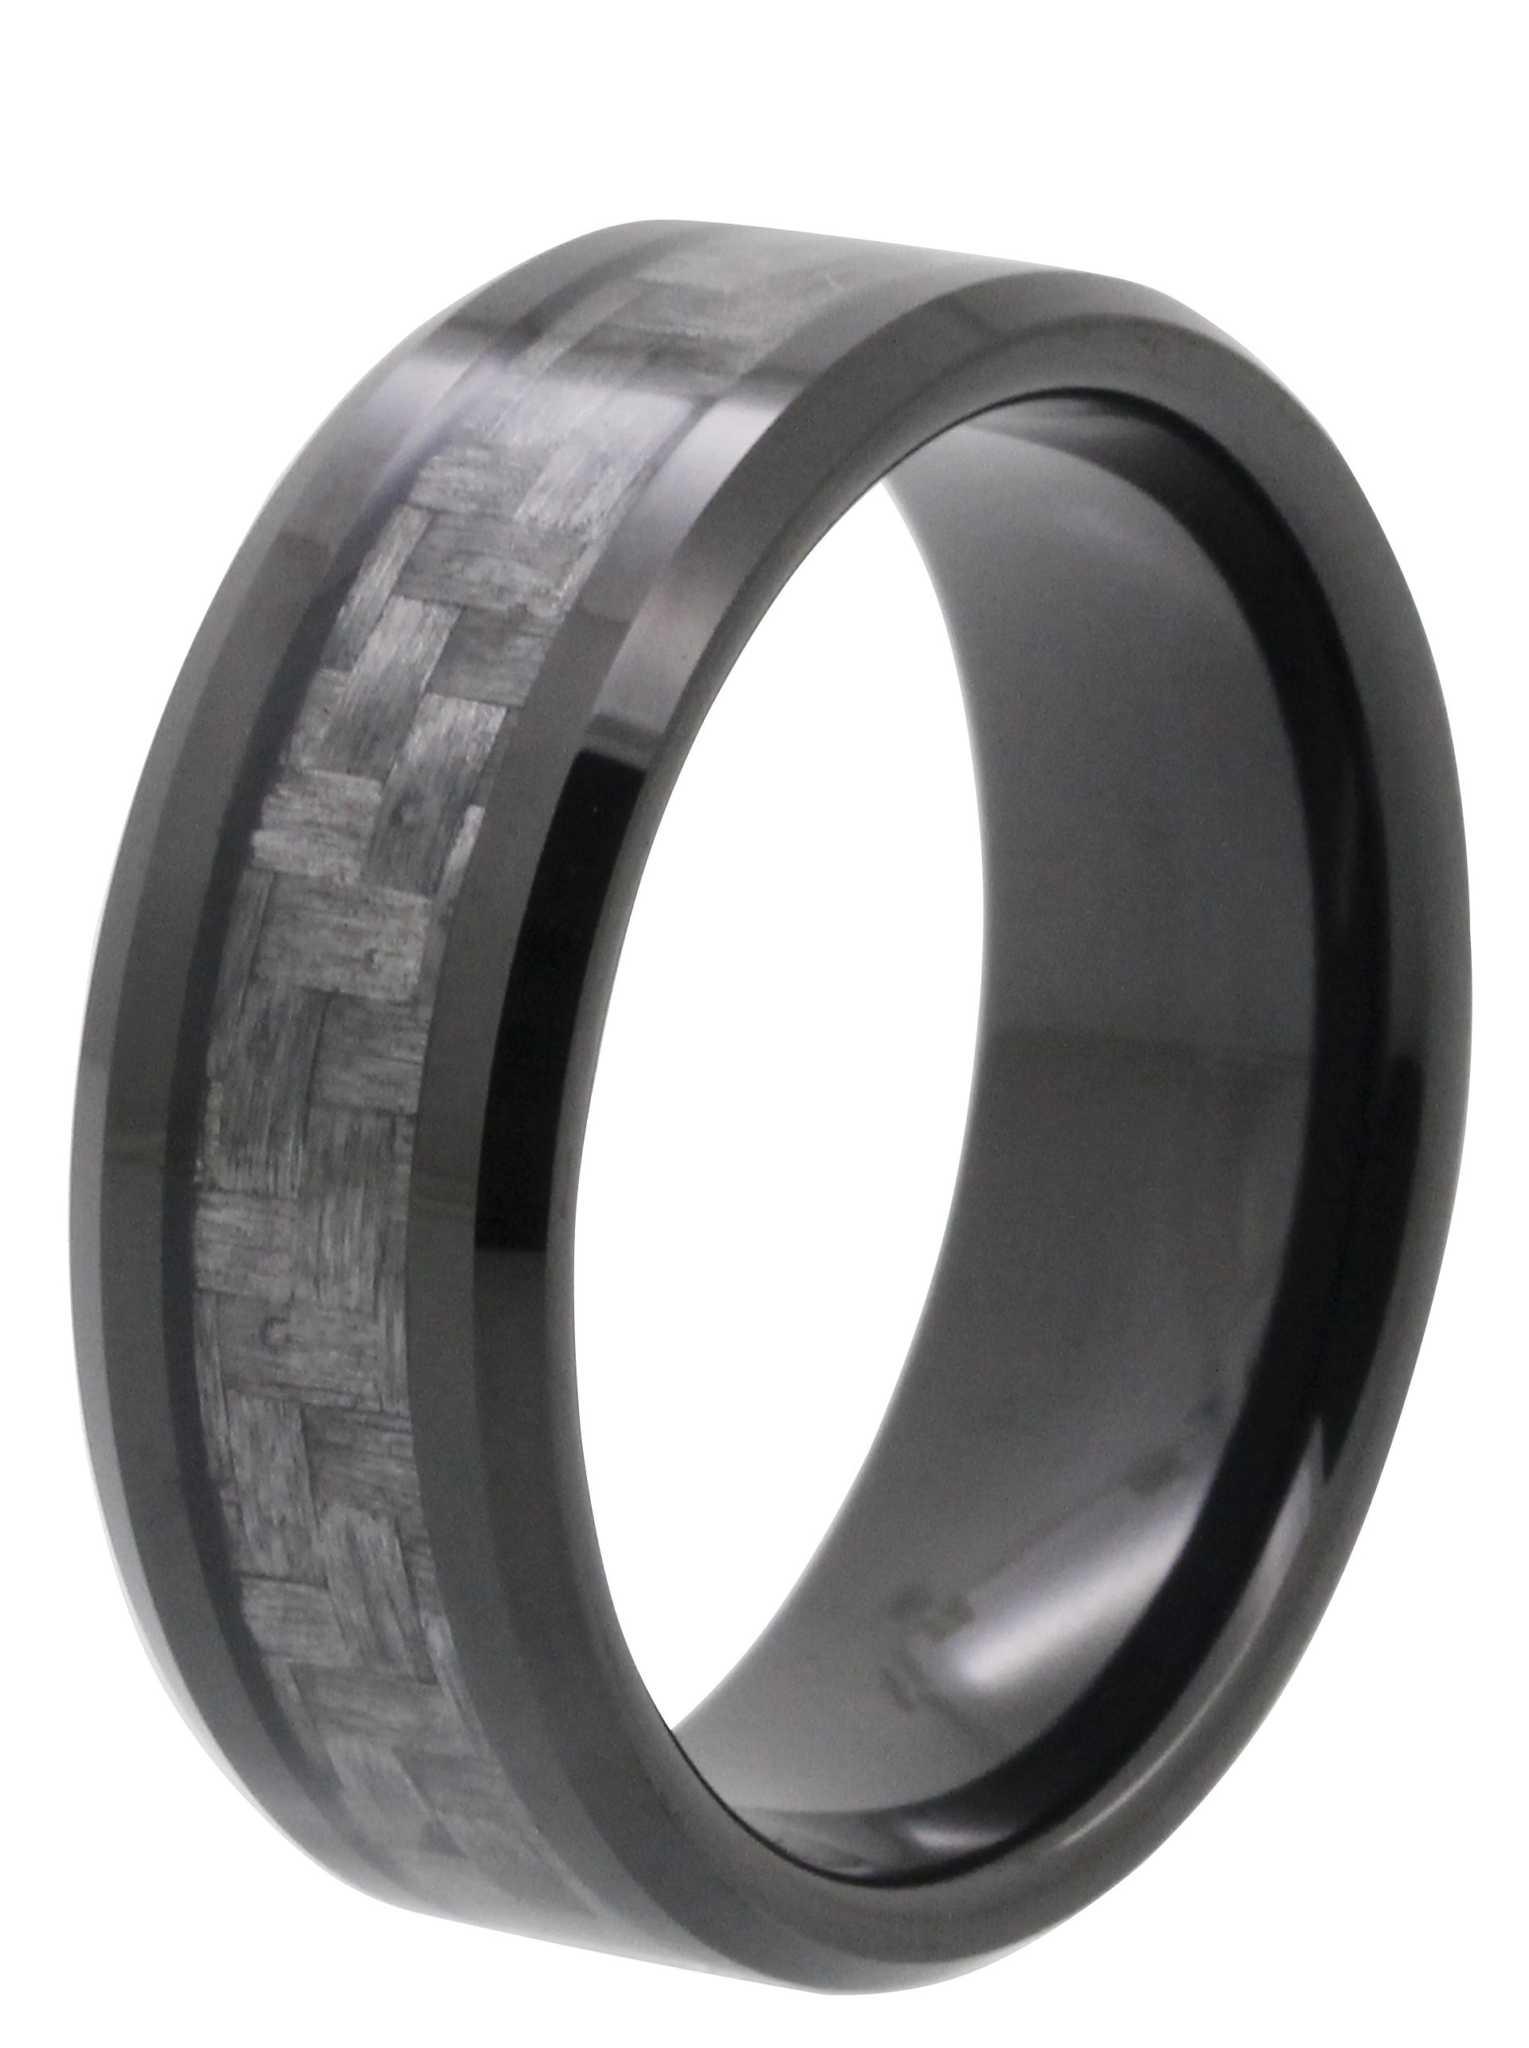 inlay tungsten rings tungsten wedding band 8MM Carbon Fiber Inlay Tayloright Tungsten Wedding Band